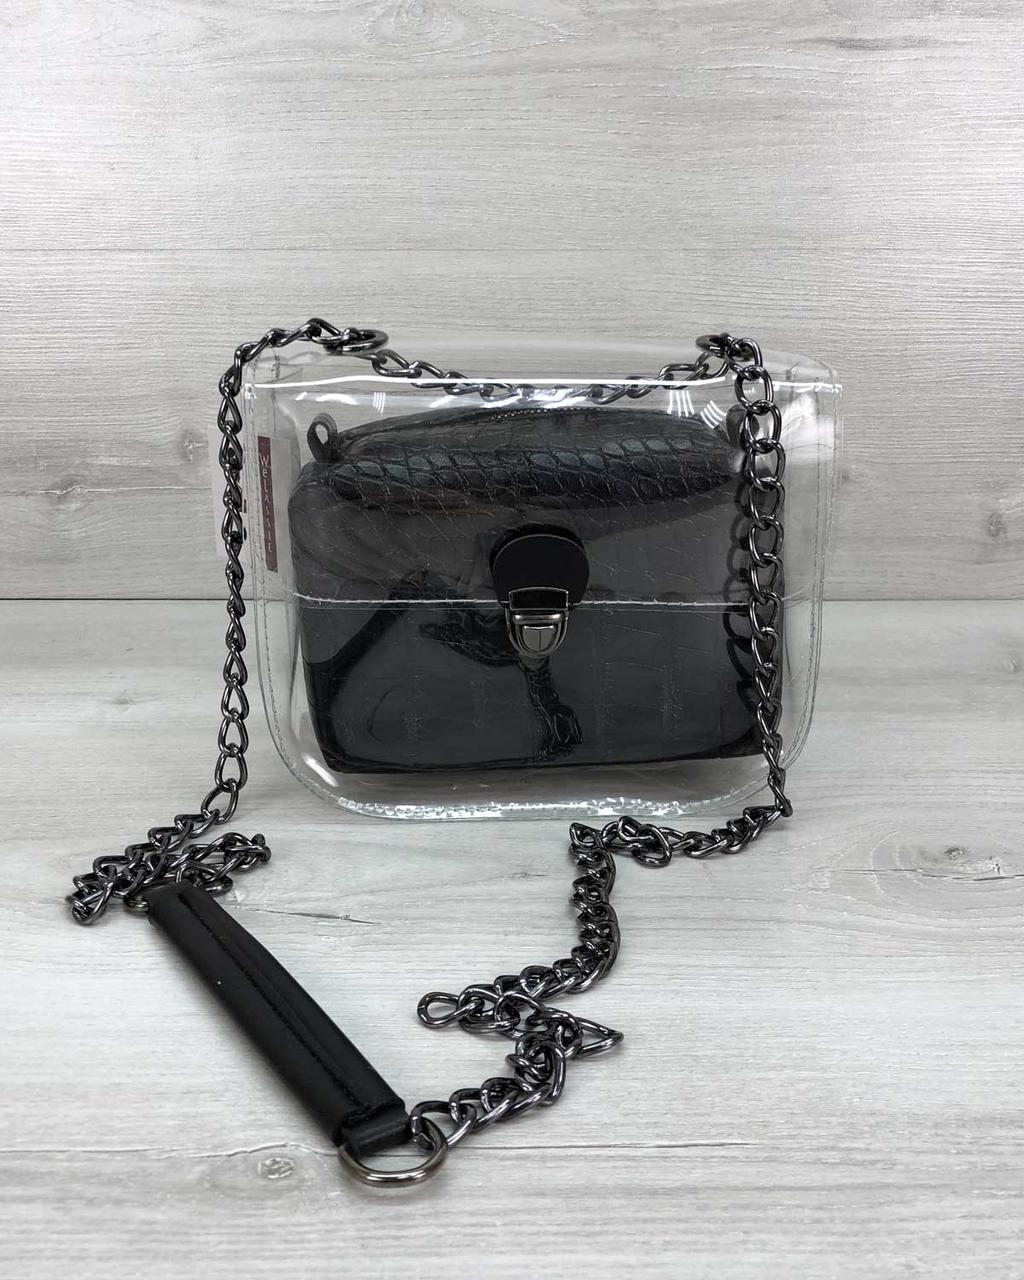 Силиконовая стильная сумочка клатч повседневный на цепочке с косметичкой черного цвета